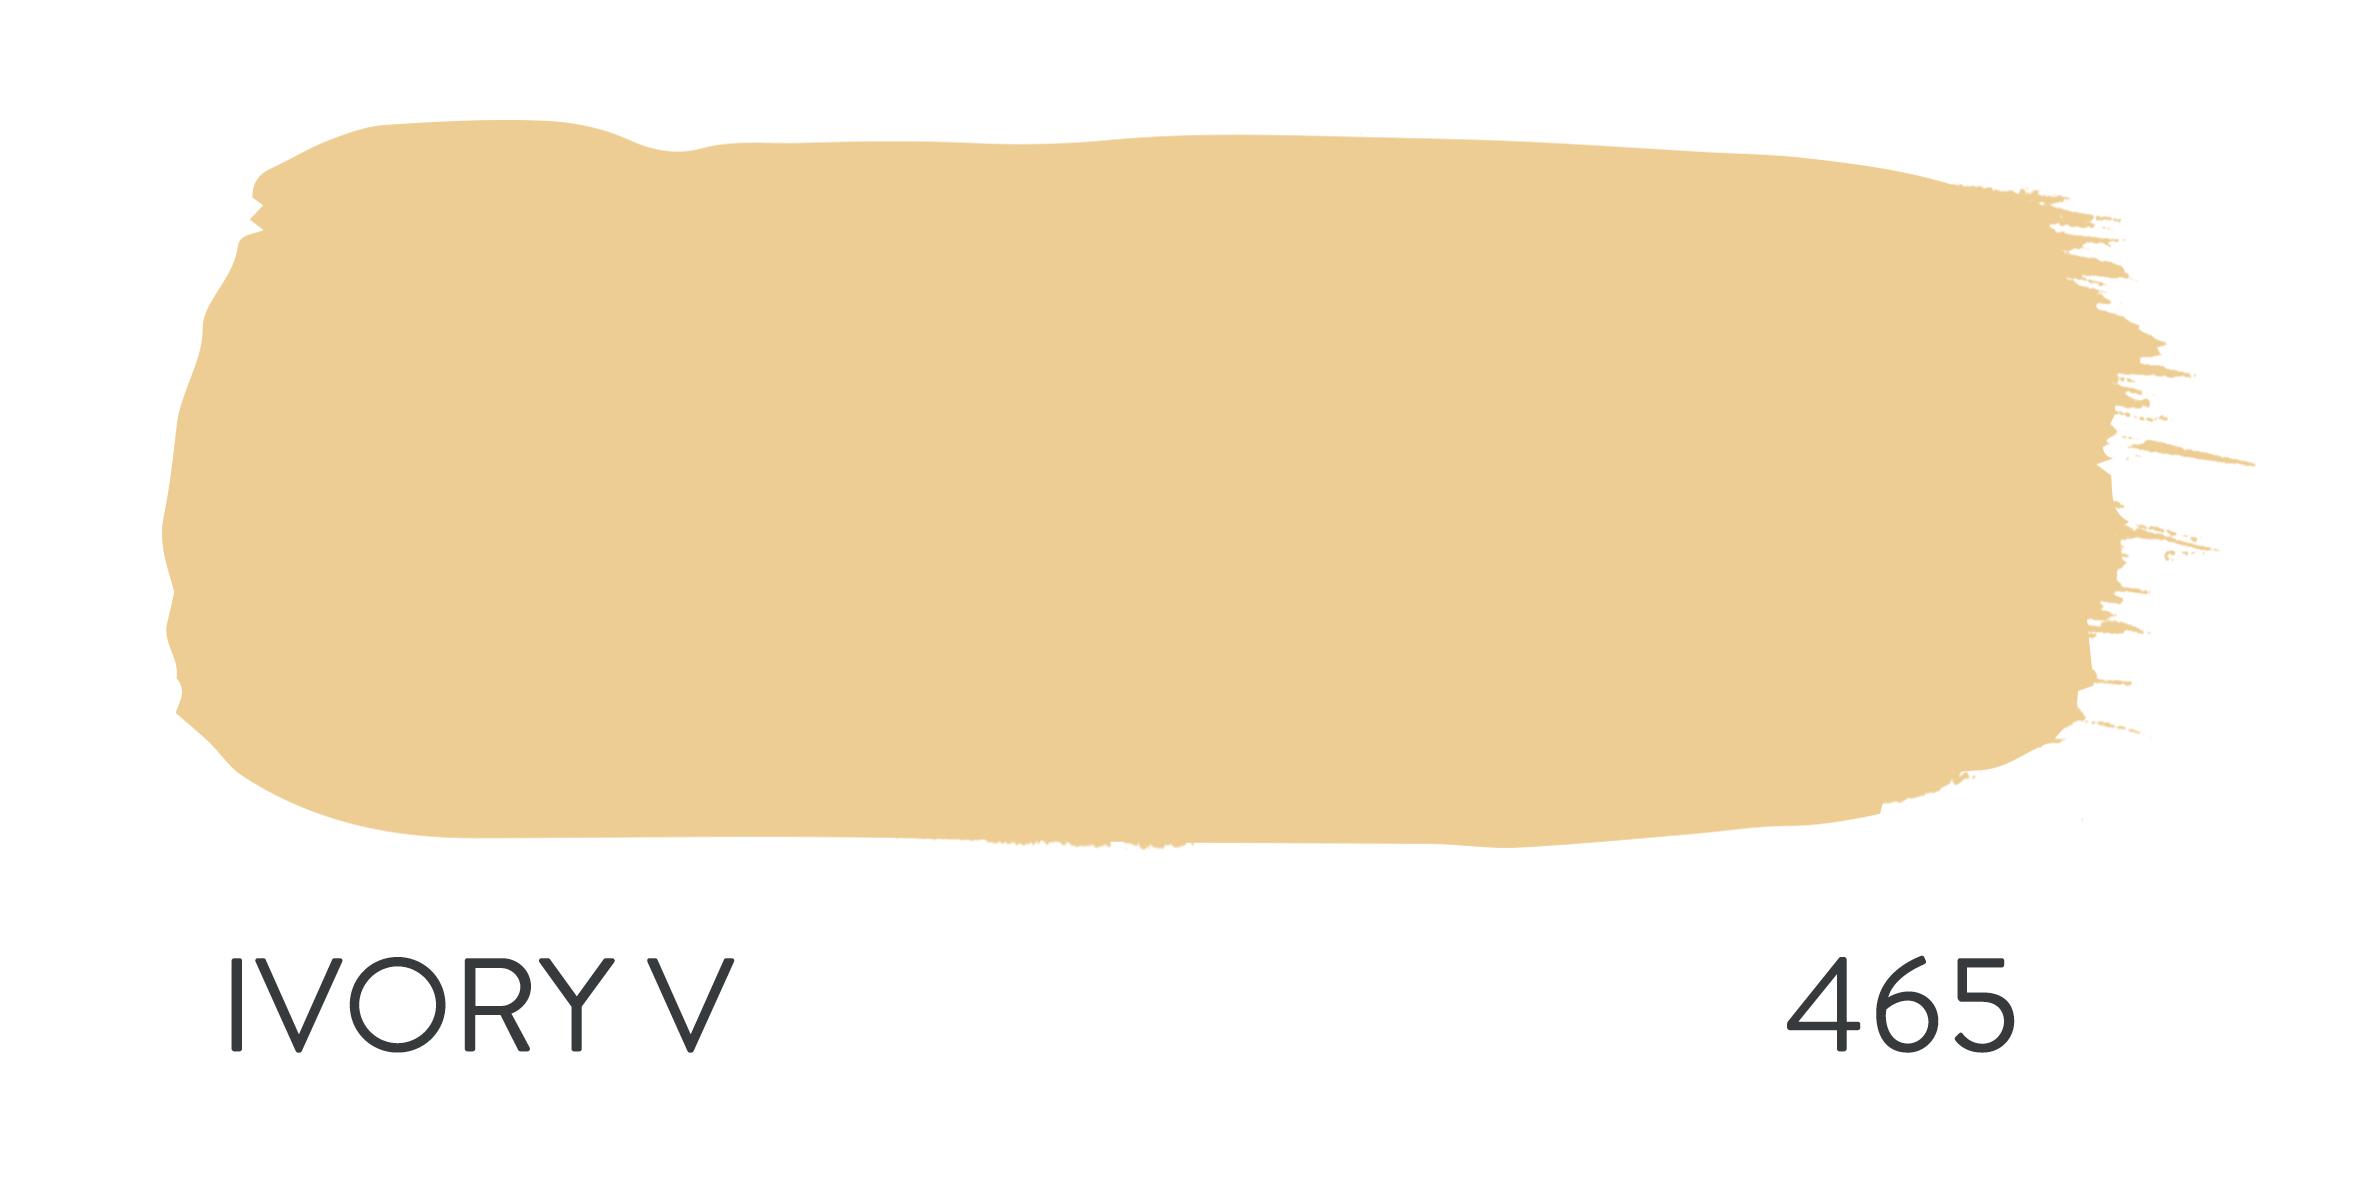 IVORY V 465.jpg